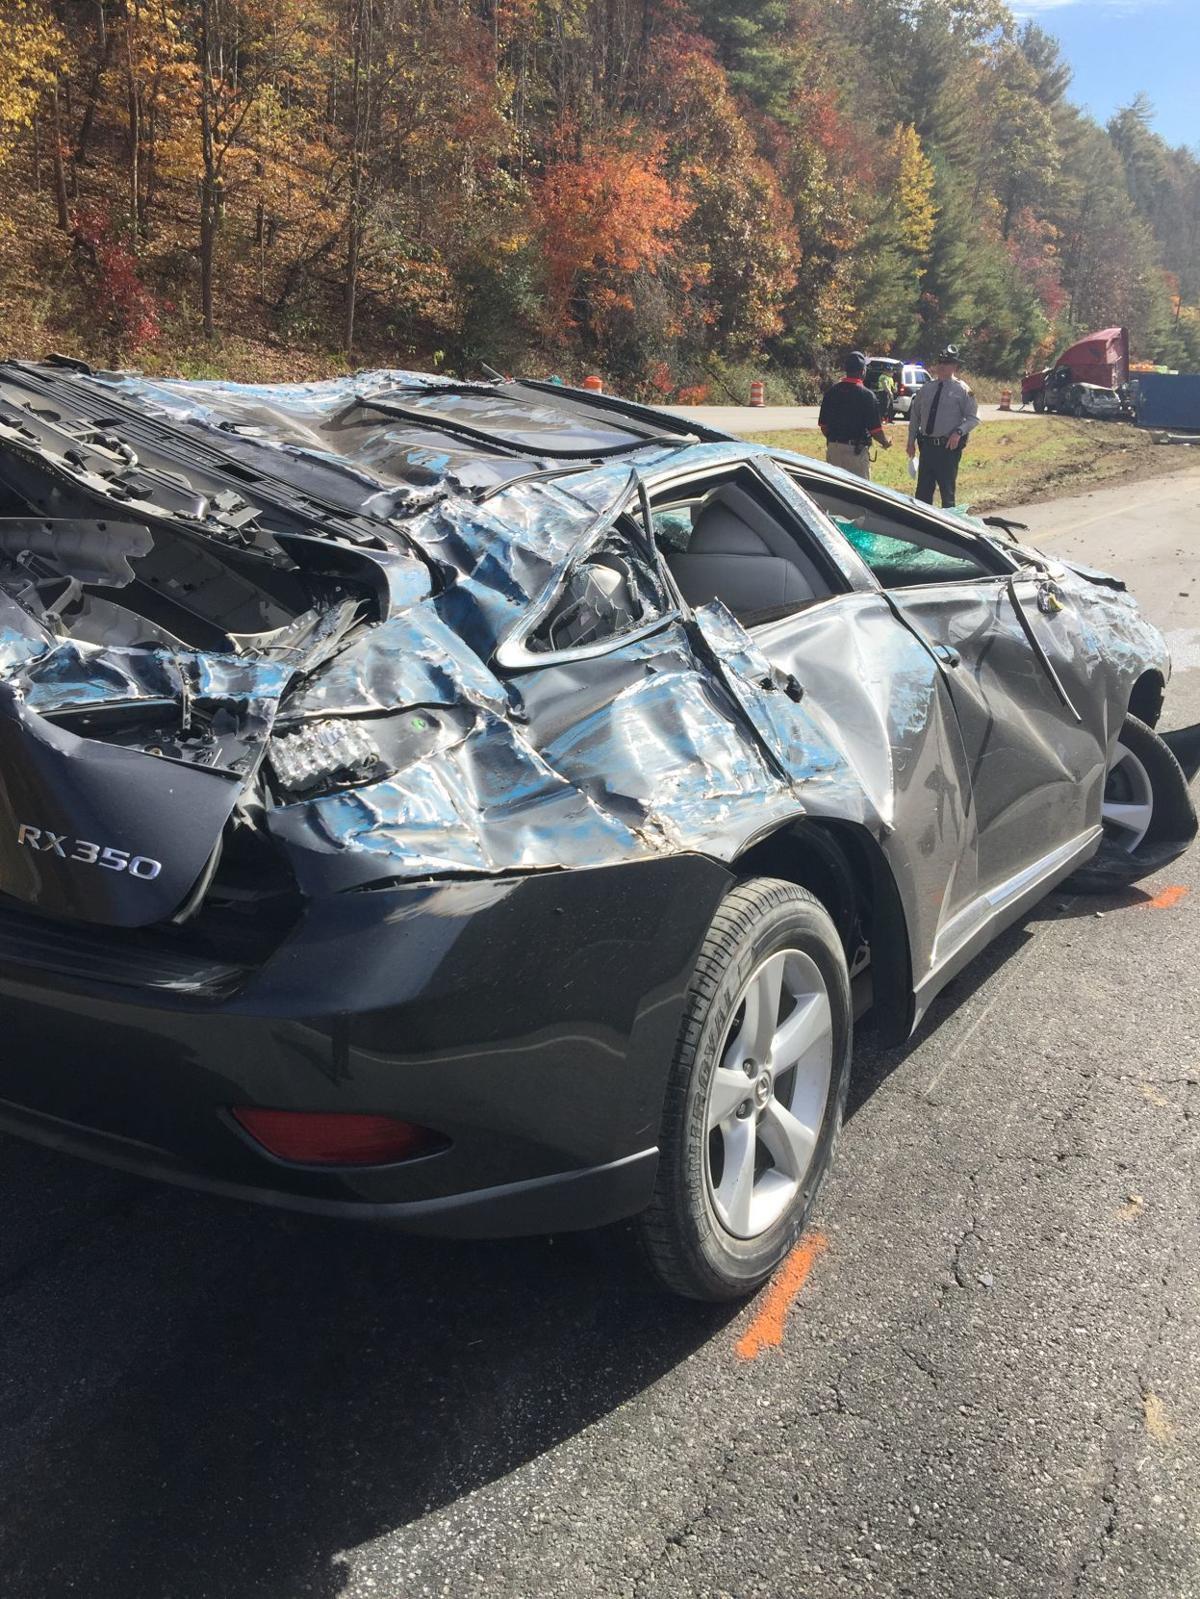 Smashed SUV